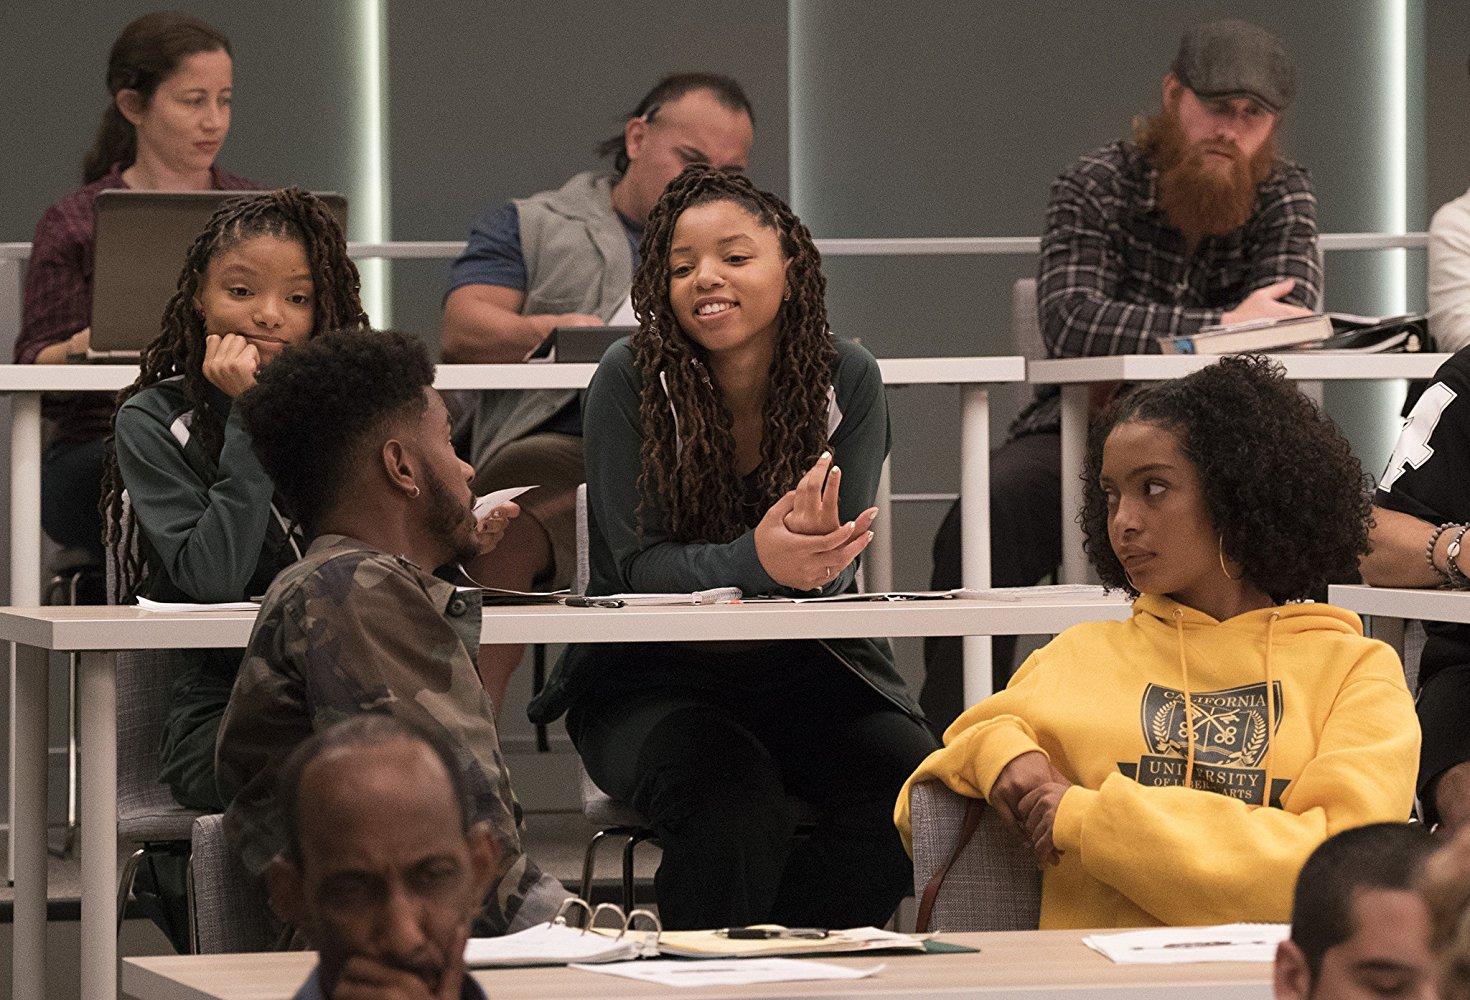 Cena de grown-ish. Nela está a foto de uma sala de aula com mesas brancas e paredes escuras. Centralizados estão quatro alunos: na frente, uma garota negra de cabelo cacheado usando uma jaqueta preta e um garoto negro de blusa militar olhando para atrás, aonde duas meninas negras usando a mesma blusa verde e mesmo estilo de penteado estão sentadas.